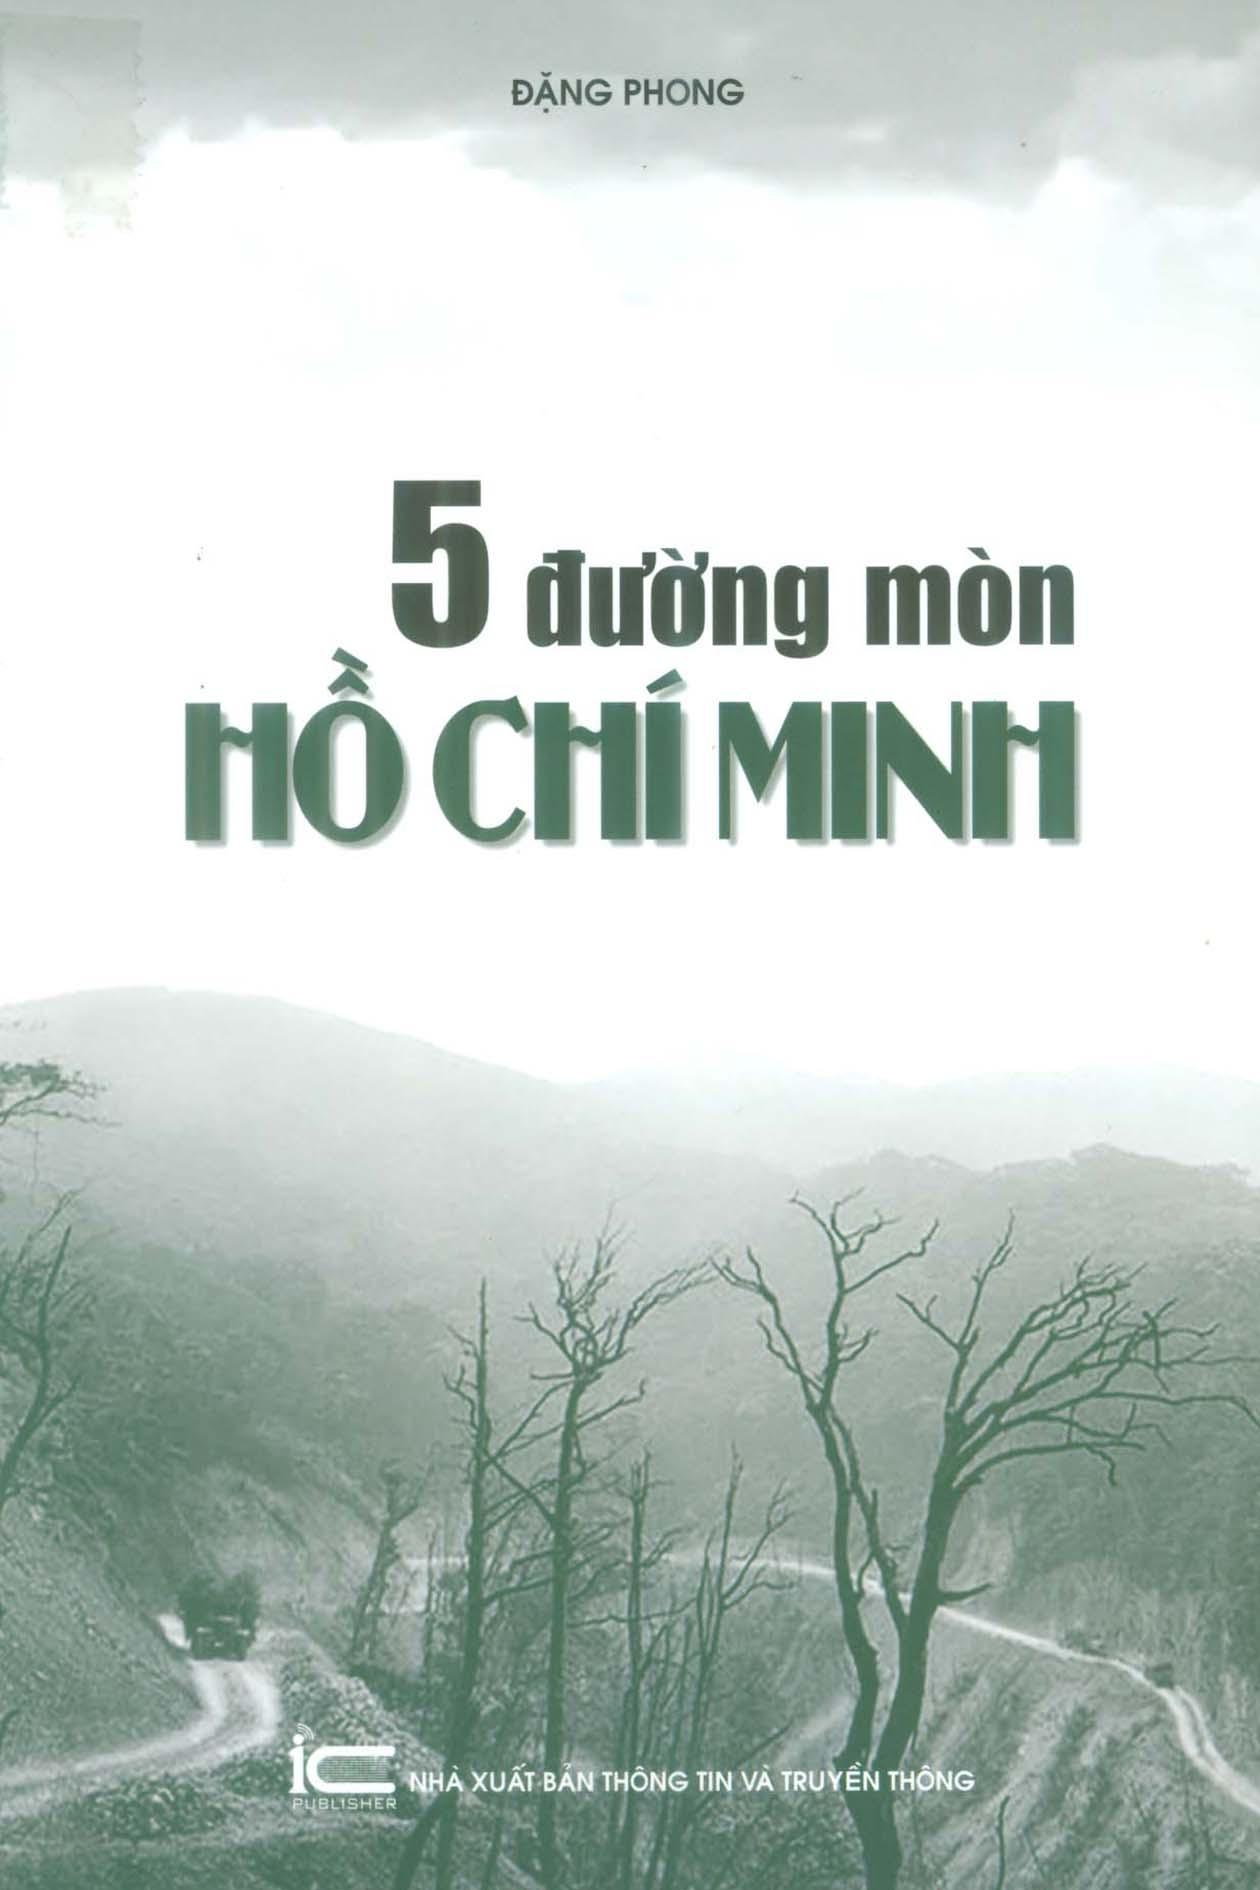 5 đường mòn Hồ Chí Minh trên biển